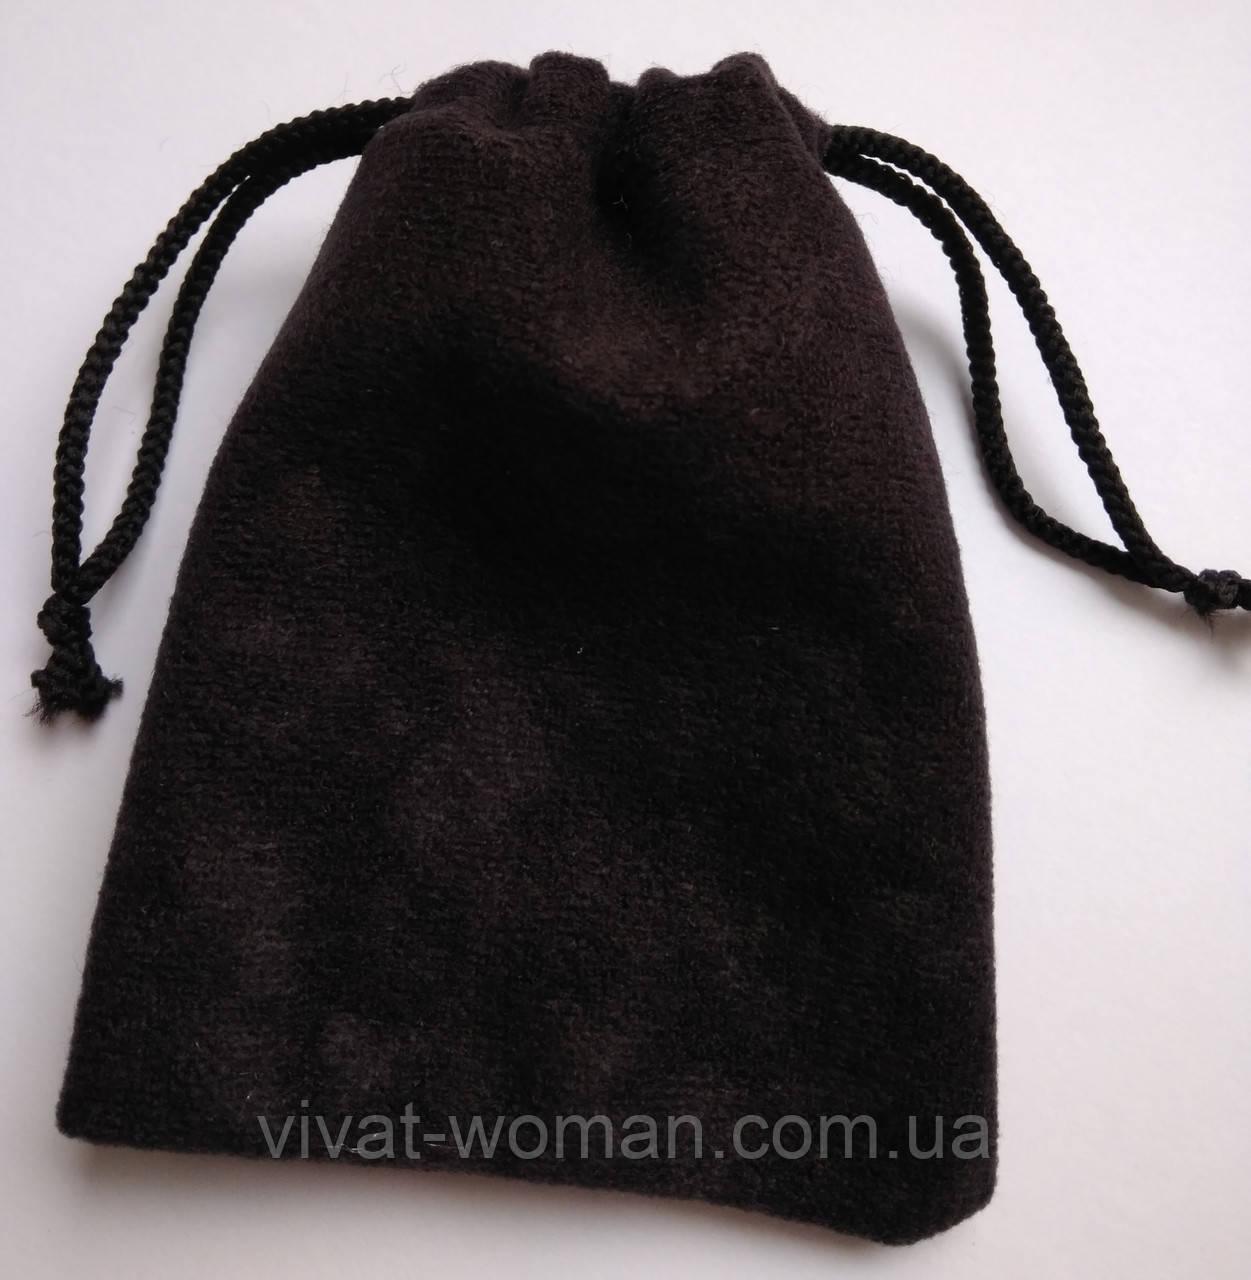 Мішечки ювелірні, оксамит матовий чорний 7х9 см, 1шт. Виробництво Україна